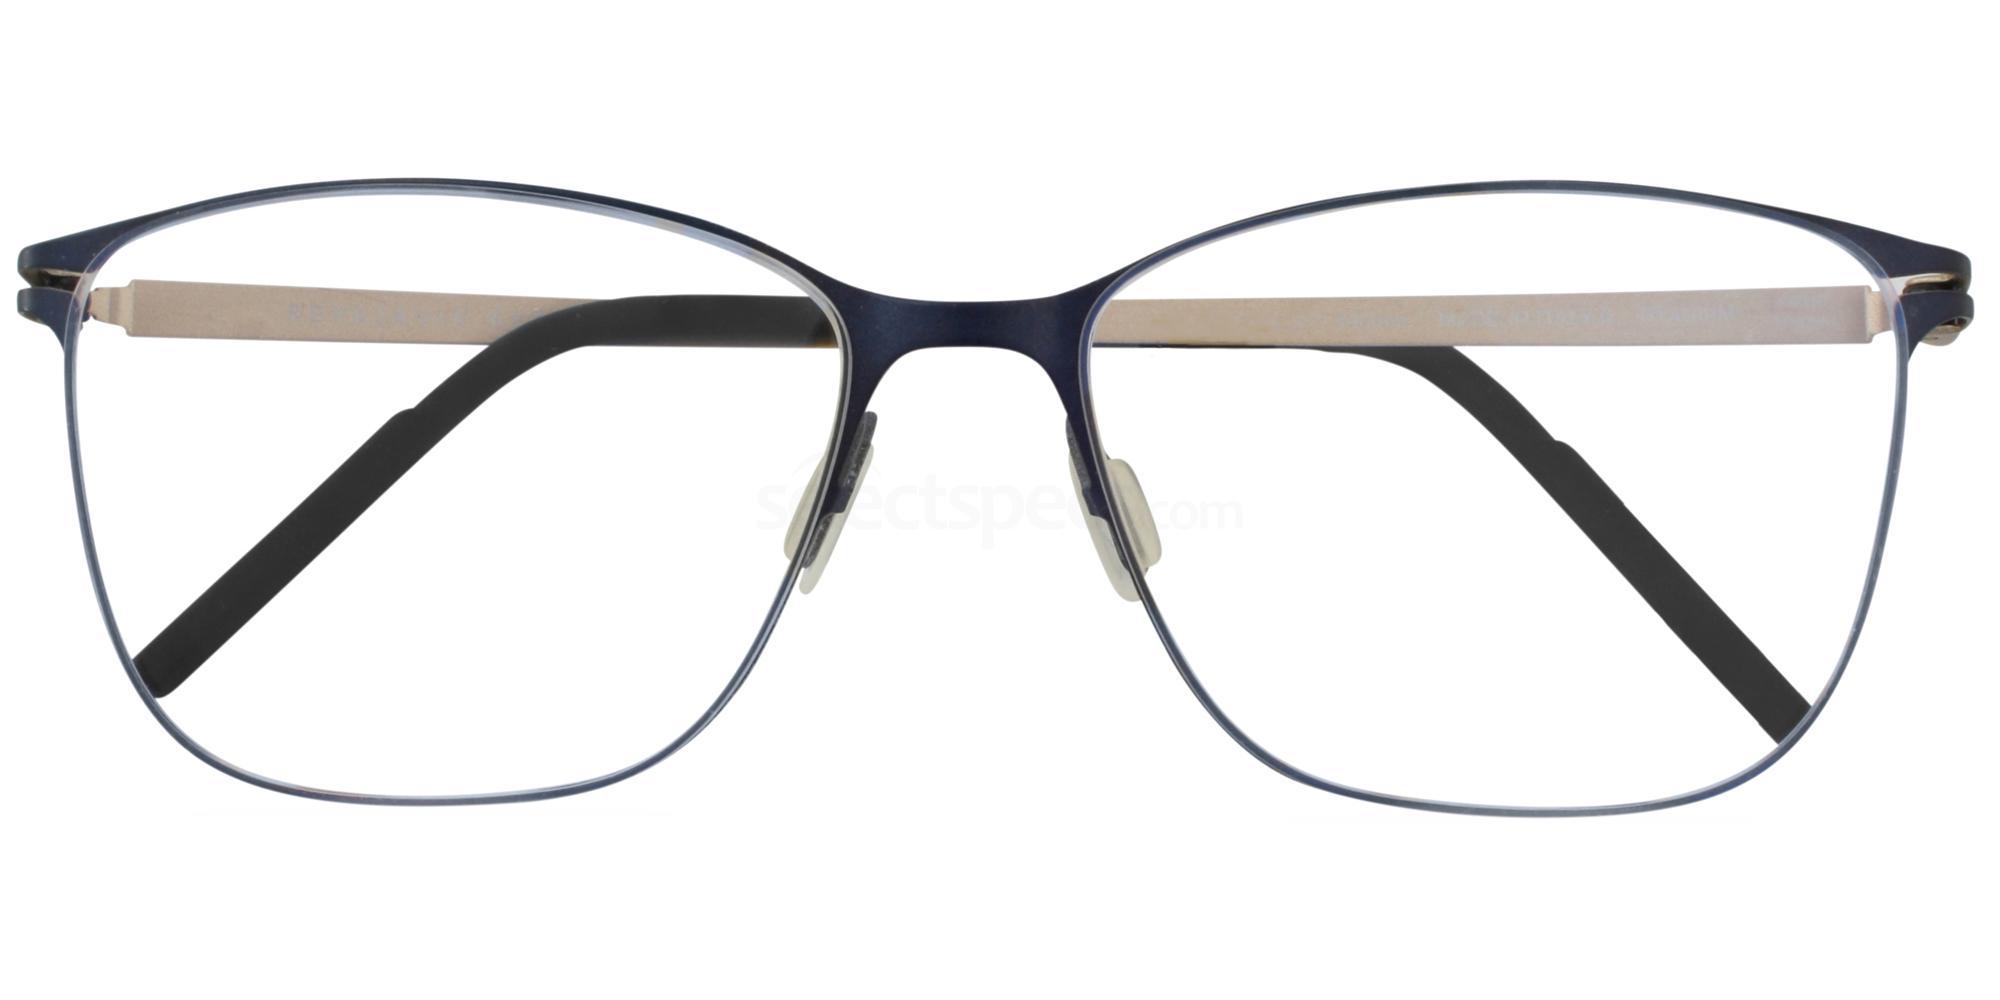 C1 FREYR Glasses, Reykjavik Eyes Black Label